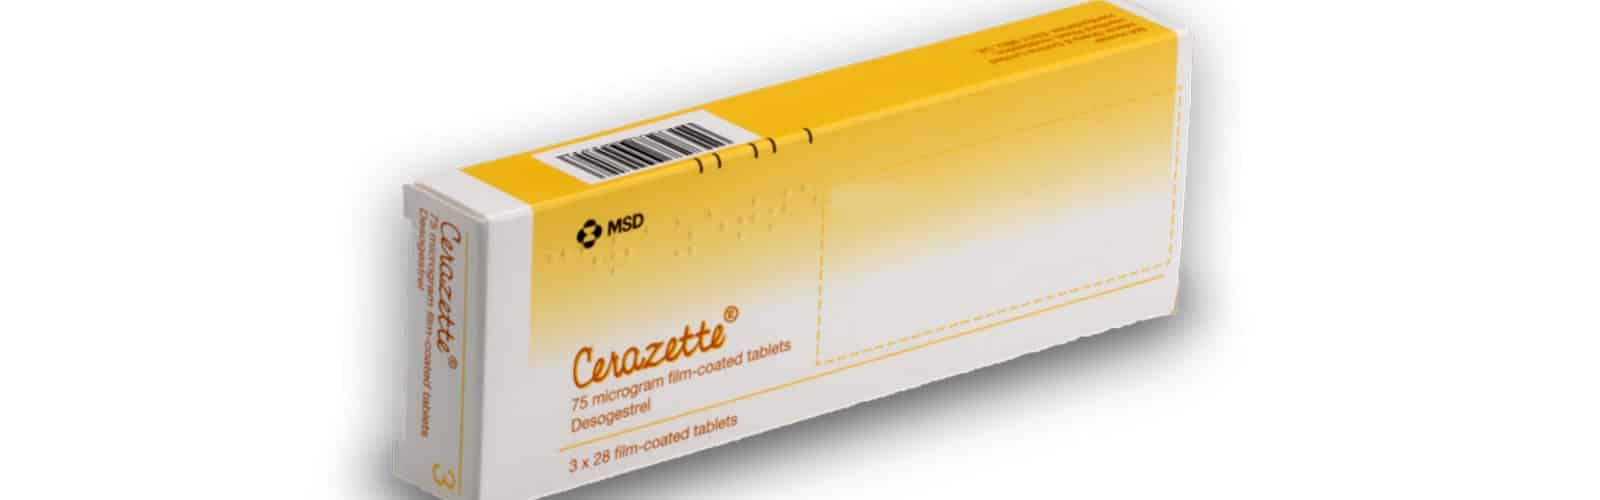 Acheter Cerazette en ligne | Pharmassimo